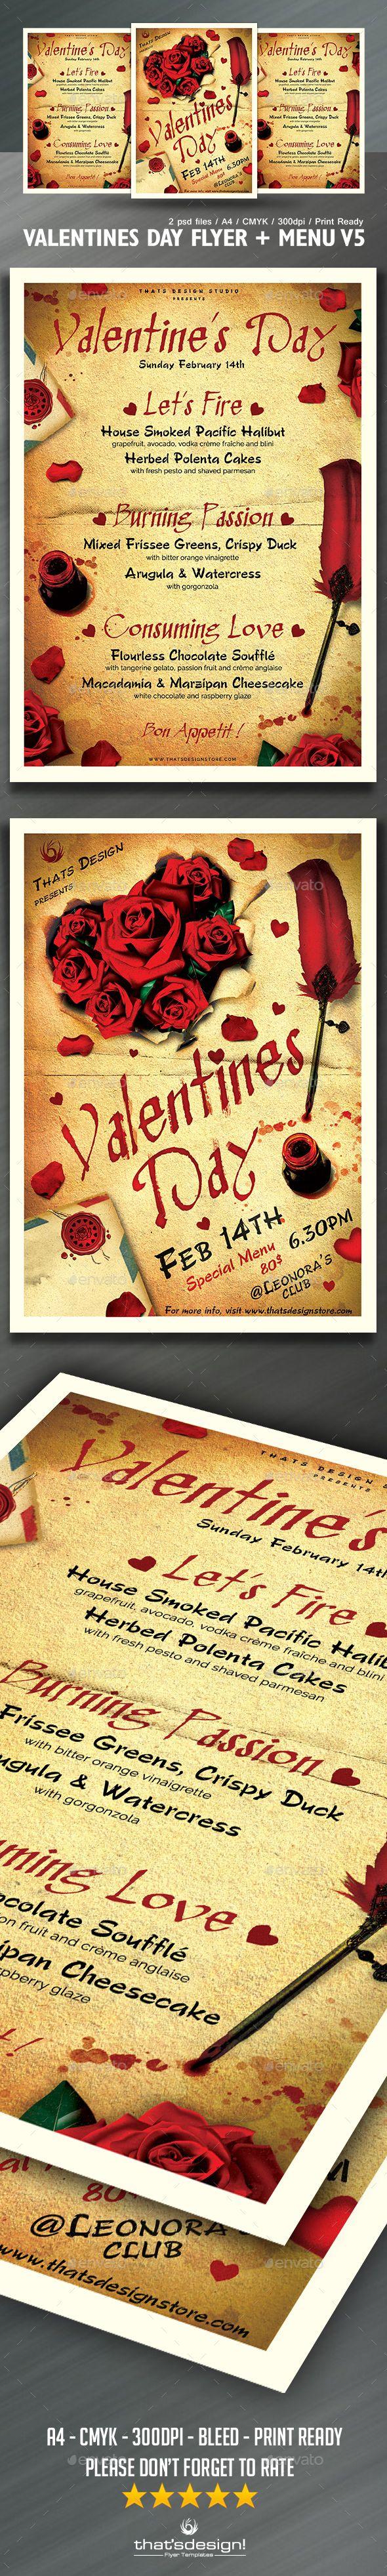 download free valentines day flyer menu bundle v5 day dinner rh pinterest com